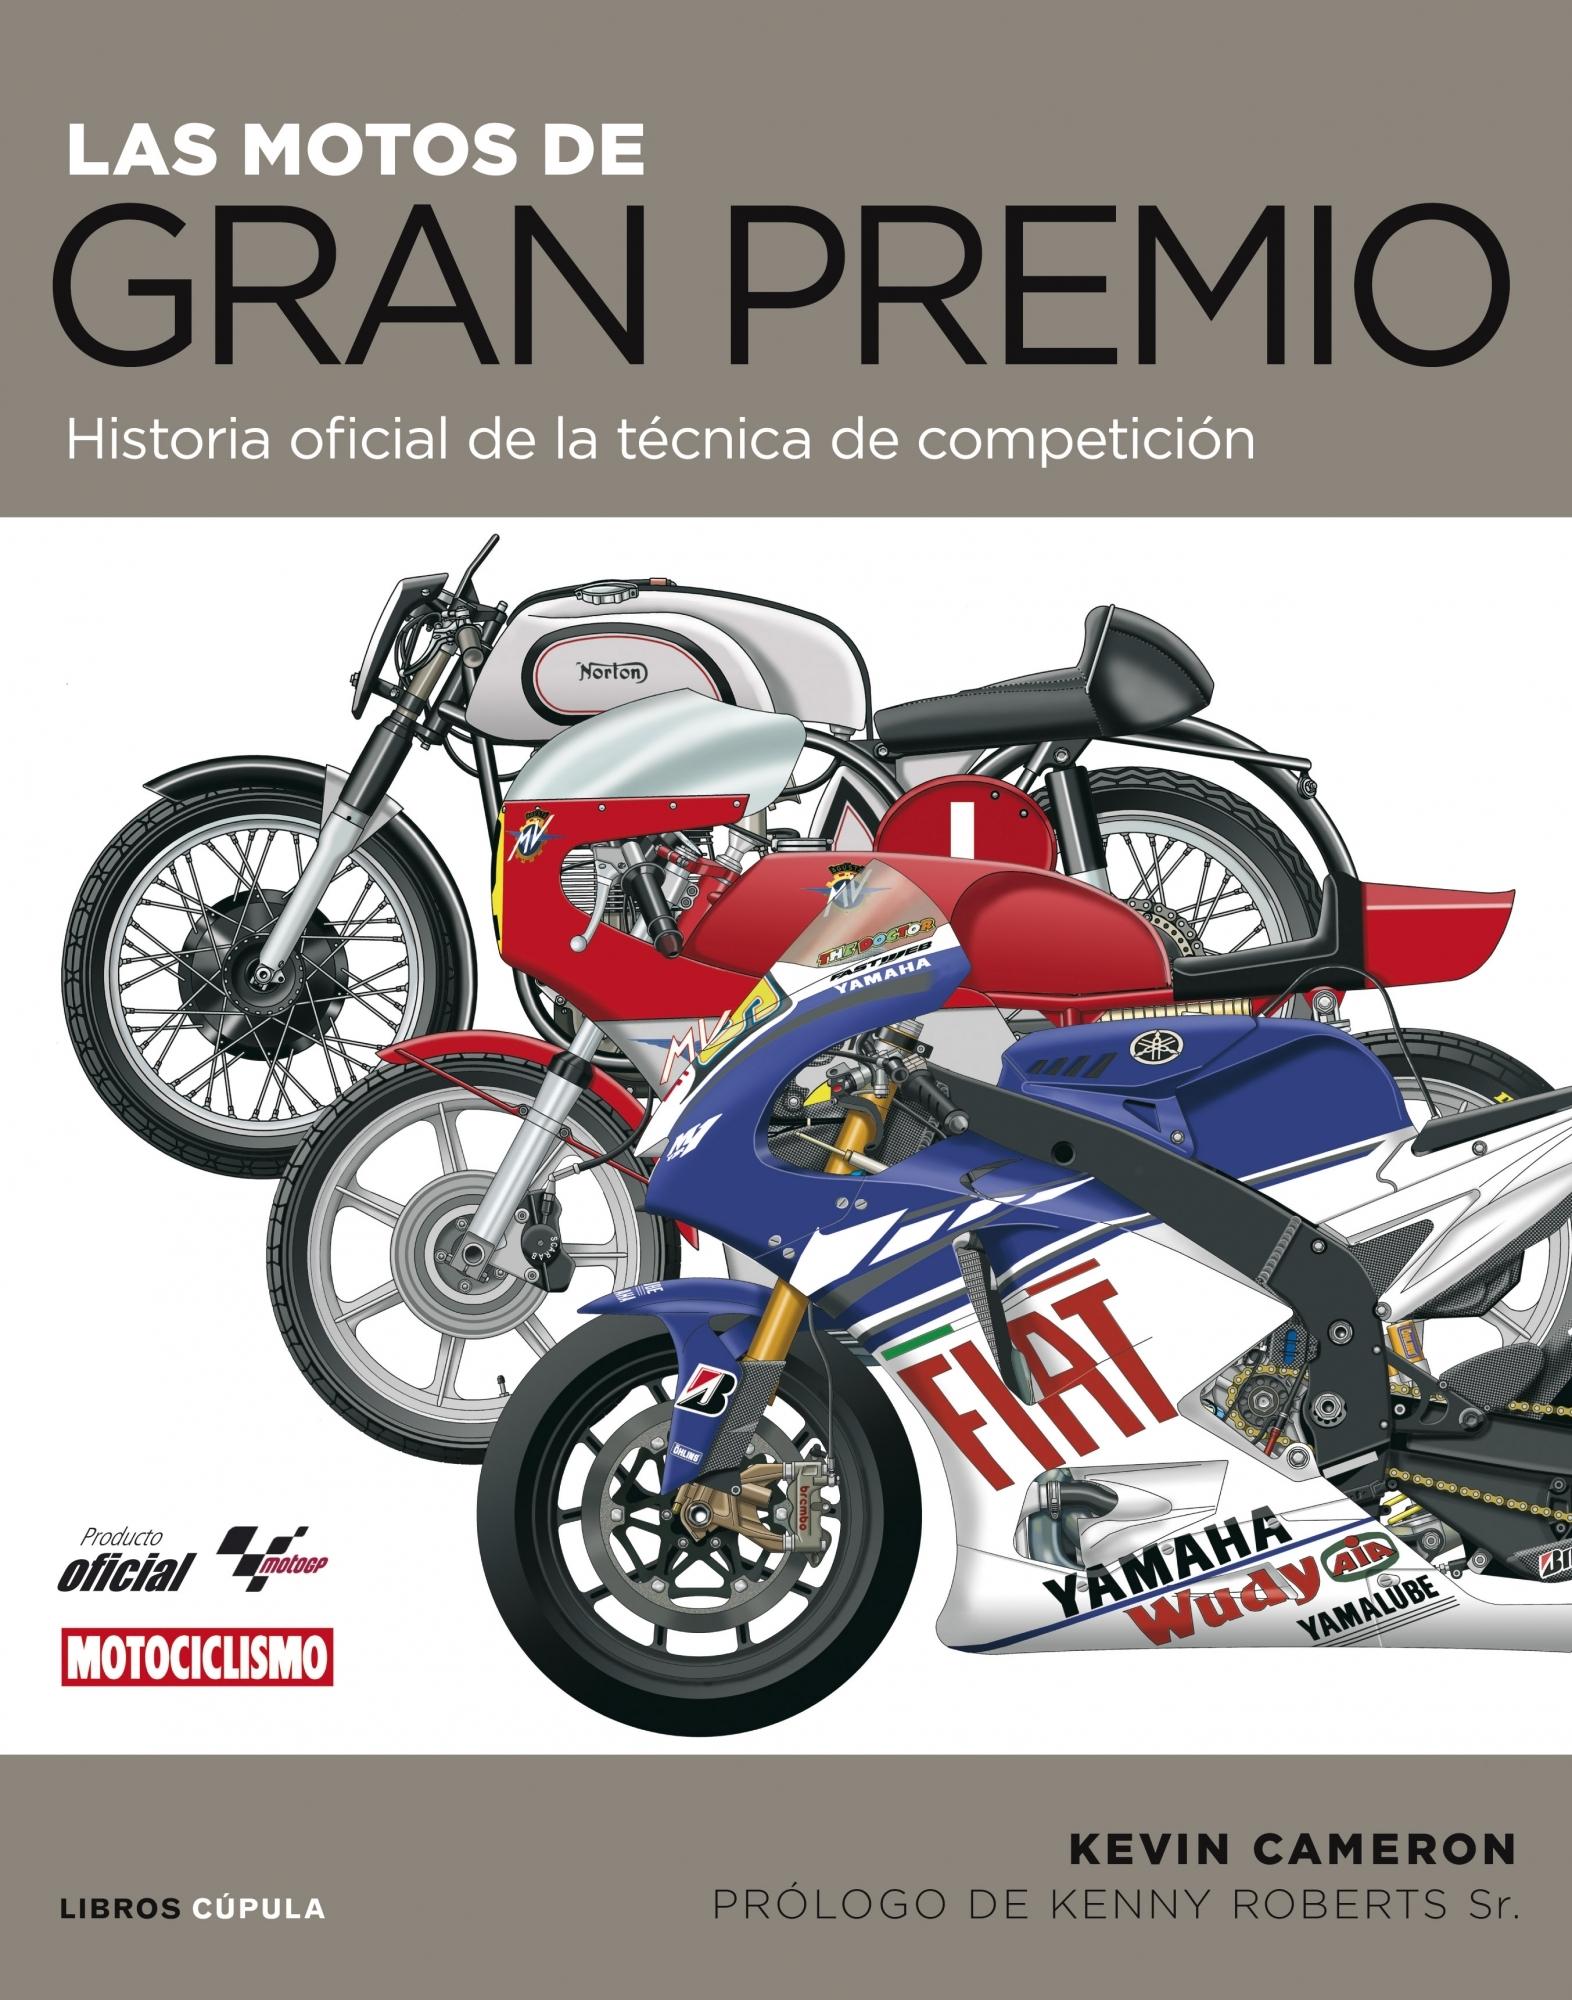 LAS MOTOS DE GRAN PREMIO. HISTORIA OFICIAL DE LA TÉCNICA DE COMPETICIÓN